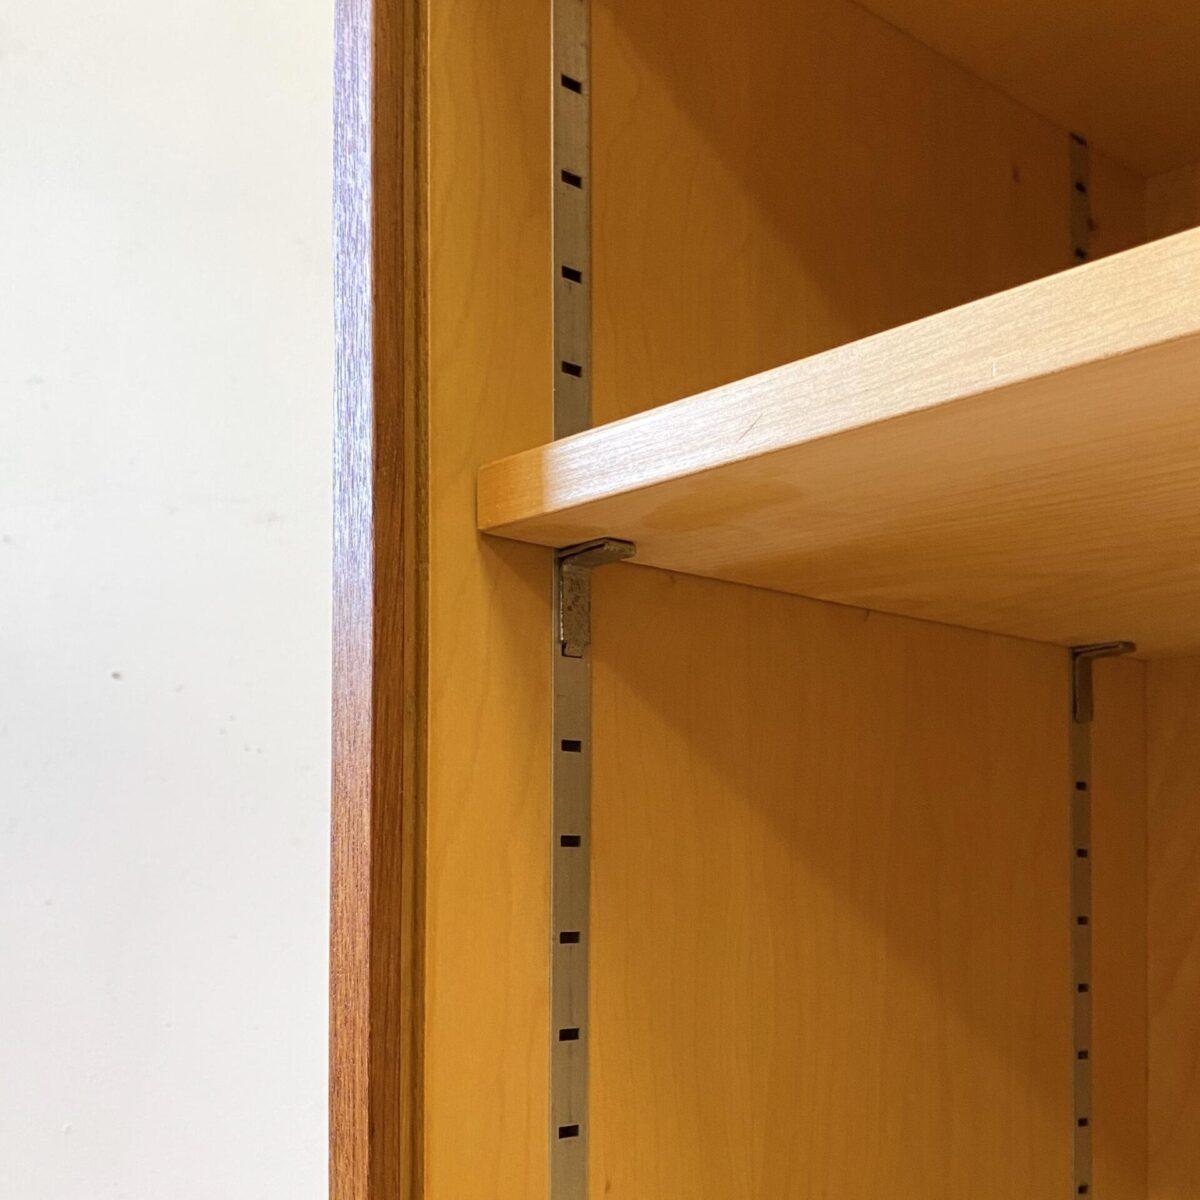 Deuxieme.shop midcentury Teak Sideboard. Kleines Teak Sideboard mit Schiebetüren auf hochbeinigen Stahlbeinen. 99x37cm Höhe 87.5cm. Die Kommode ist in schönem allgemein Zustand, ein paar kleinere Hicke und Schrammen. Hinter den Schiebetüren mit den runden Aluminiumgriffen, befindet sich ein höhenverstellbares Tablar. Das Möbel innere ist Ahorn furniert.